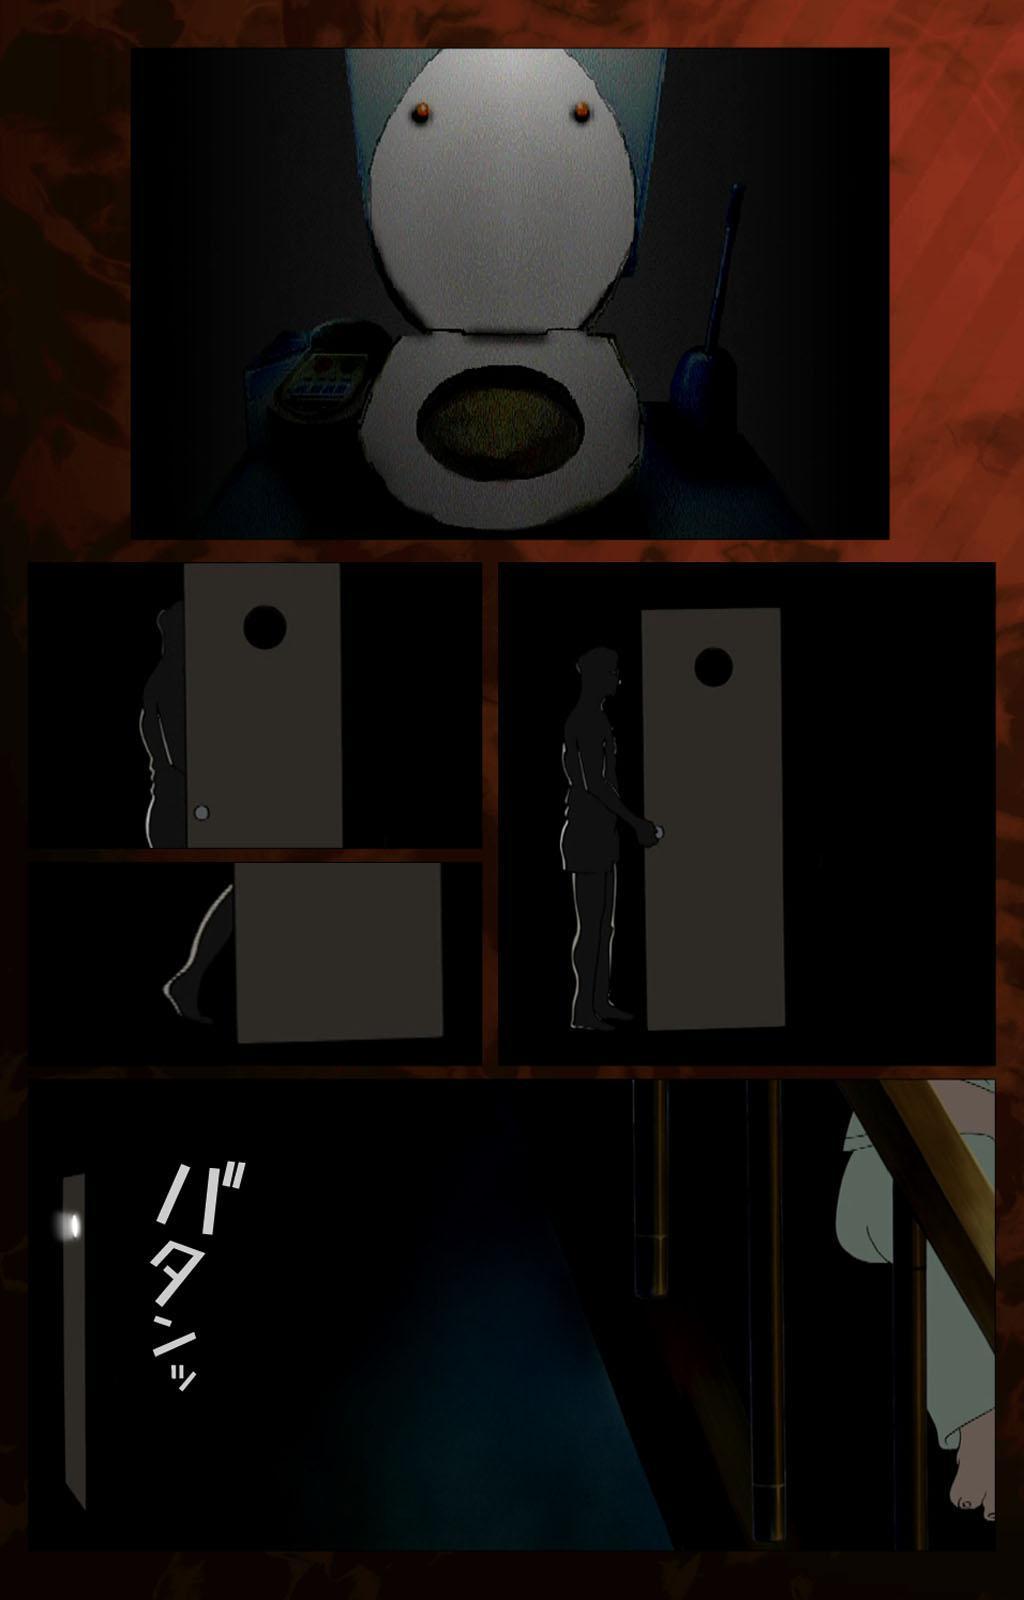 Gibo kanzenhan 23